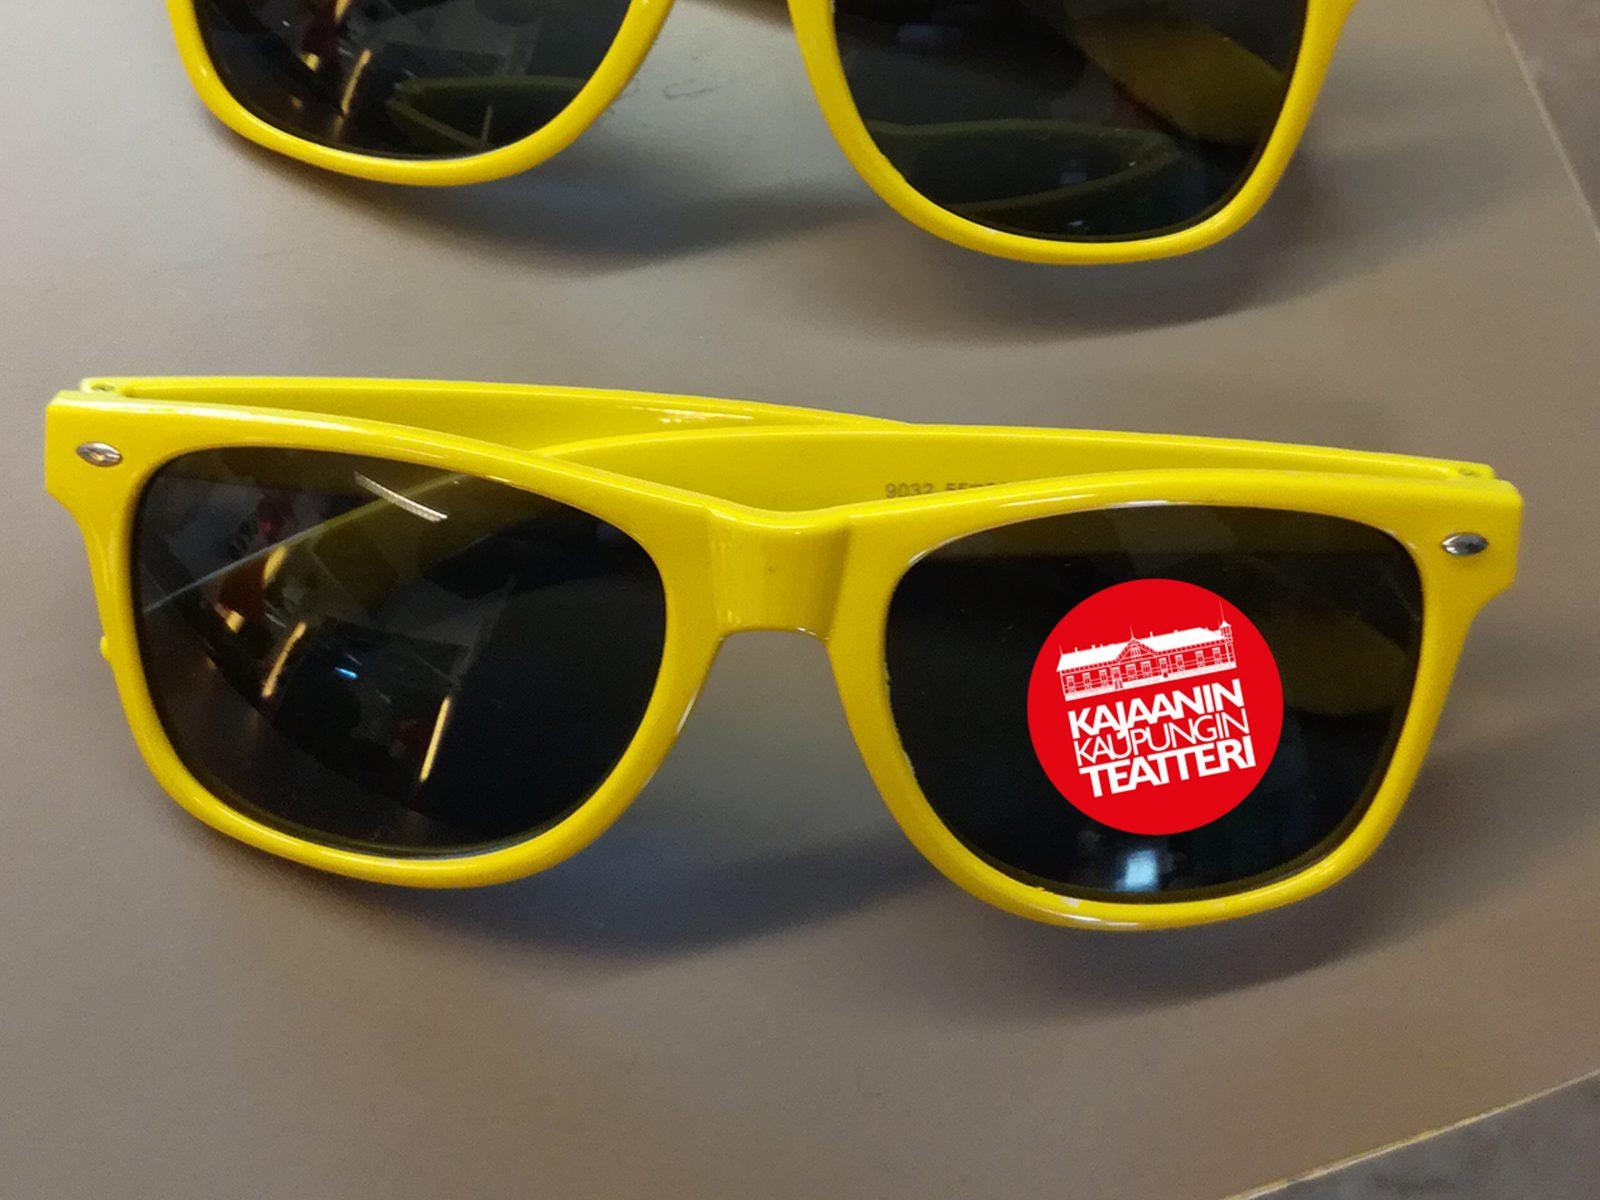 Keltaiset aurinkolasit joissa teatterin logotarra